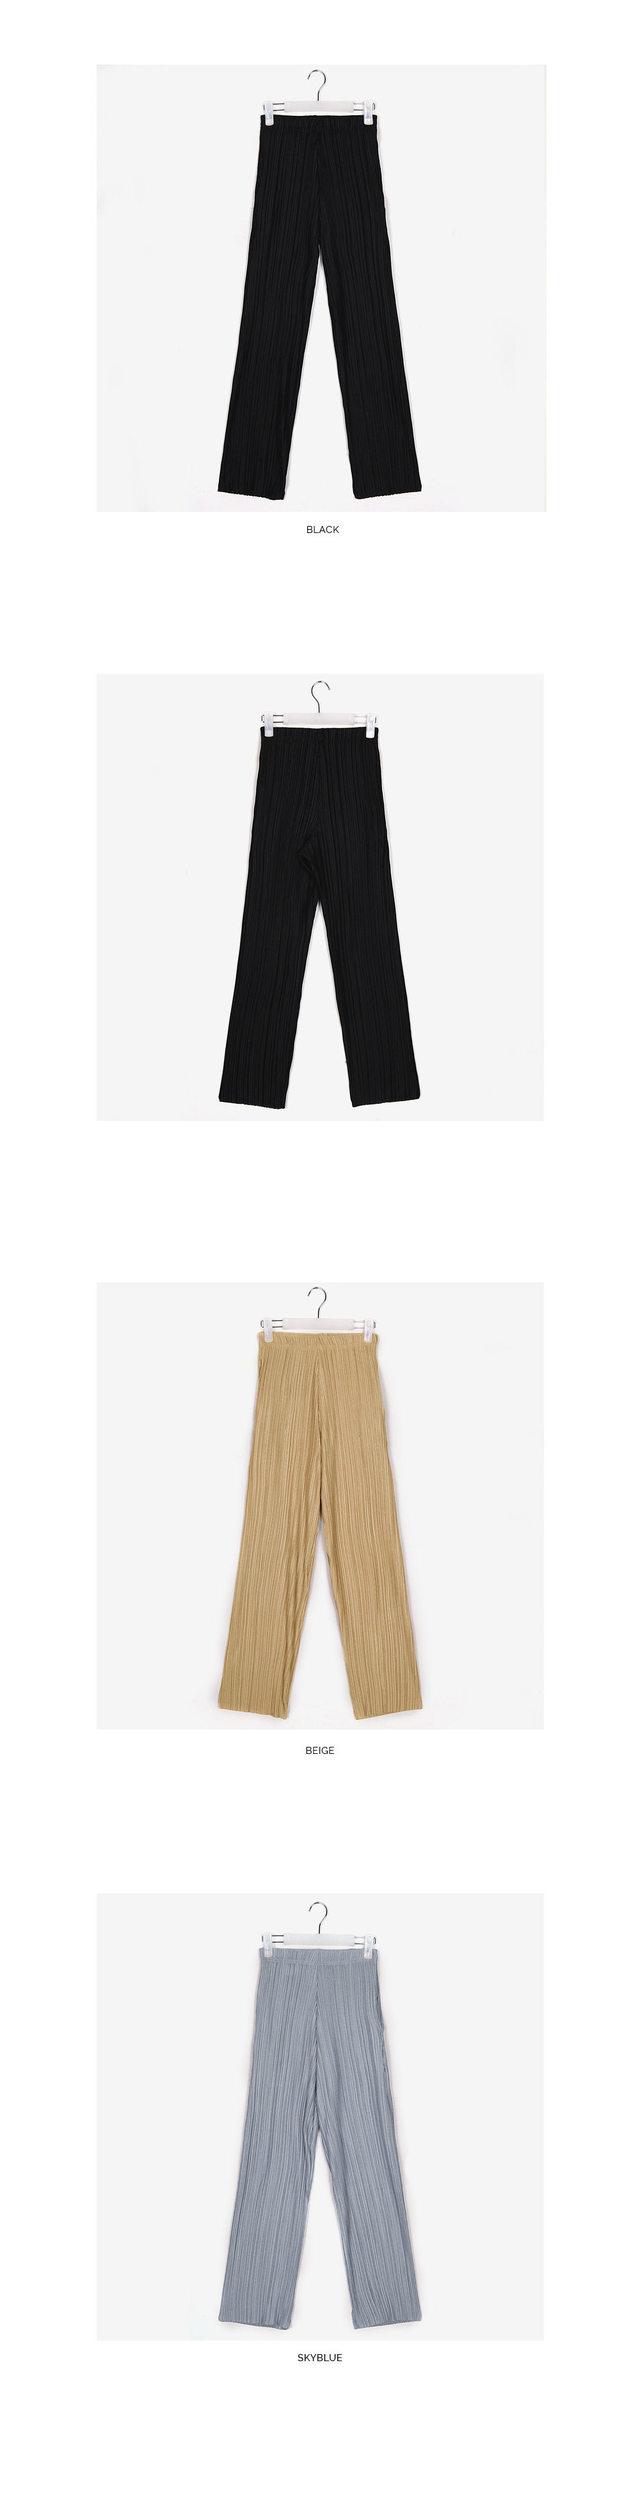 show pleats pants